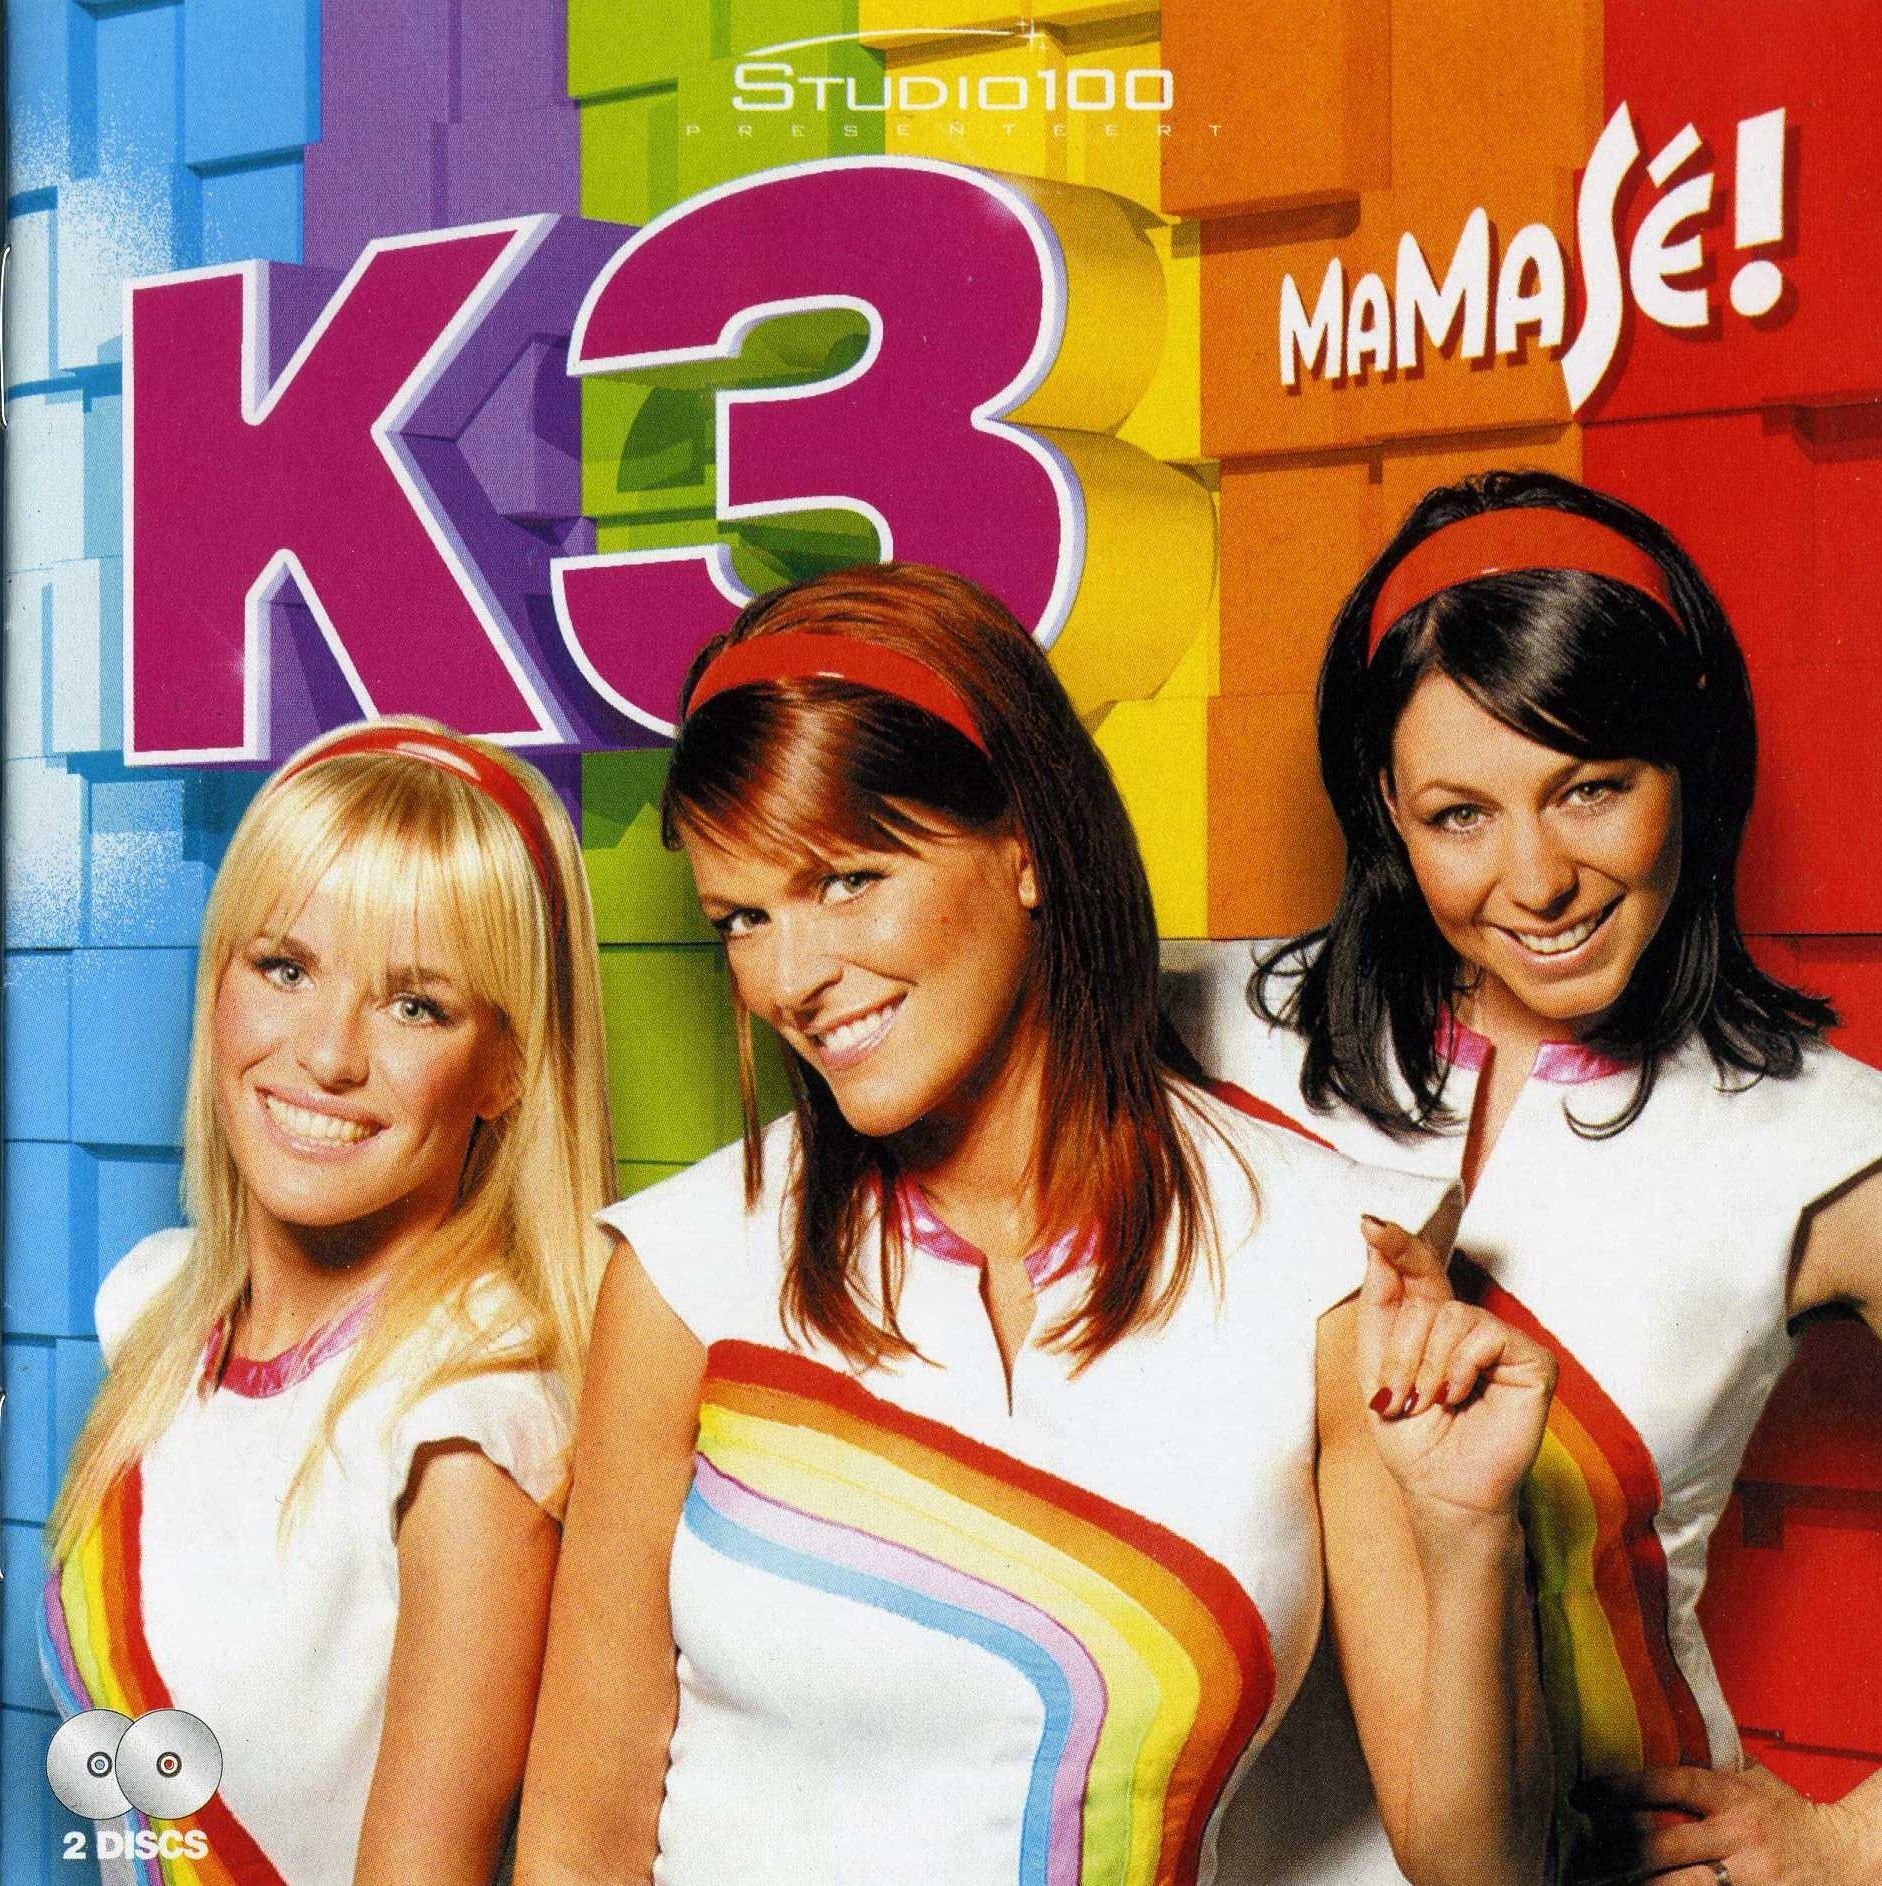 K3 - Mamasé! album cover